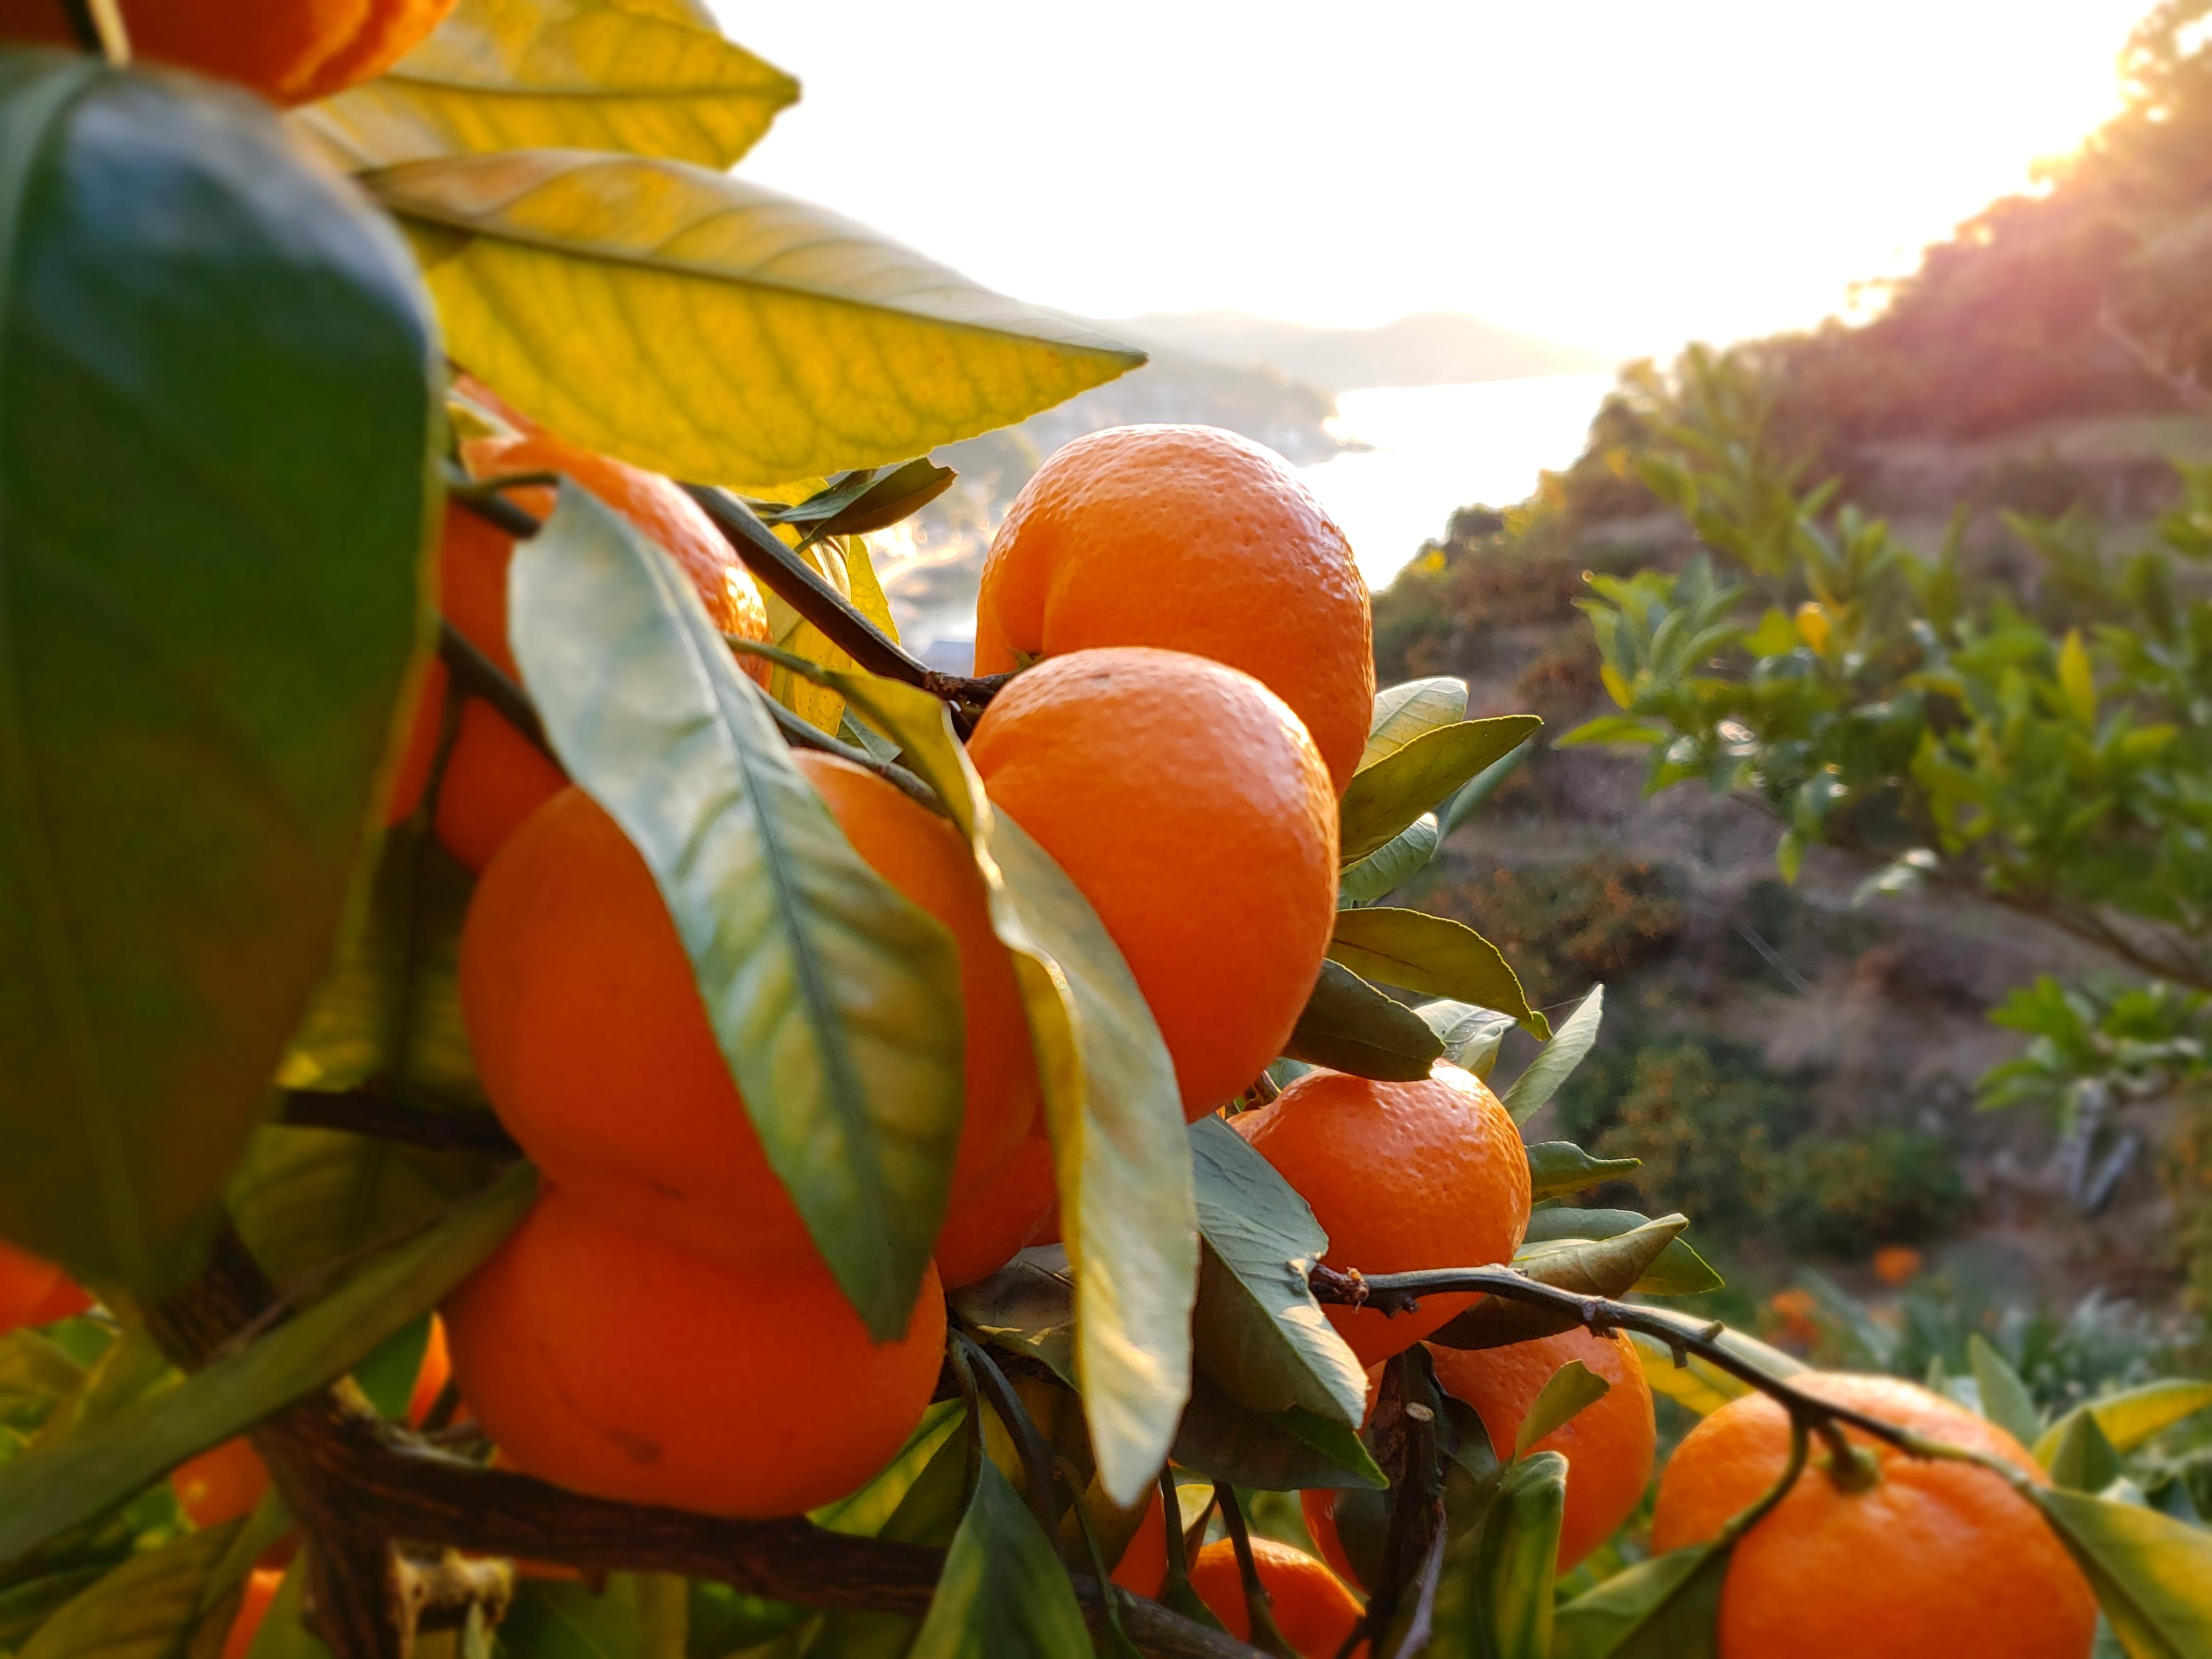 太陽の光をたっぷり浴びた 皮まで安全安心な果実